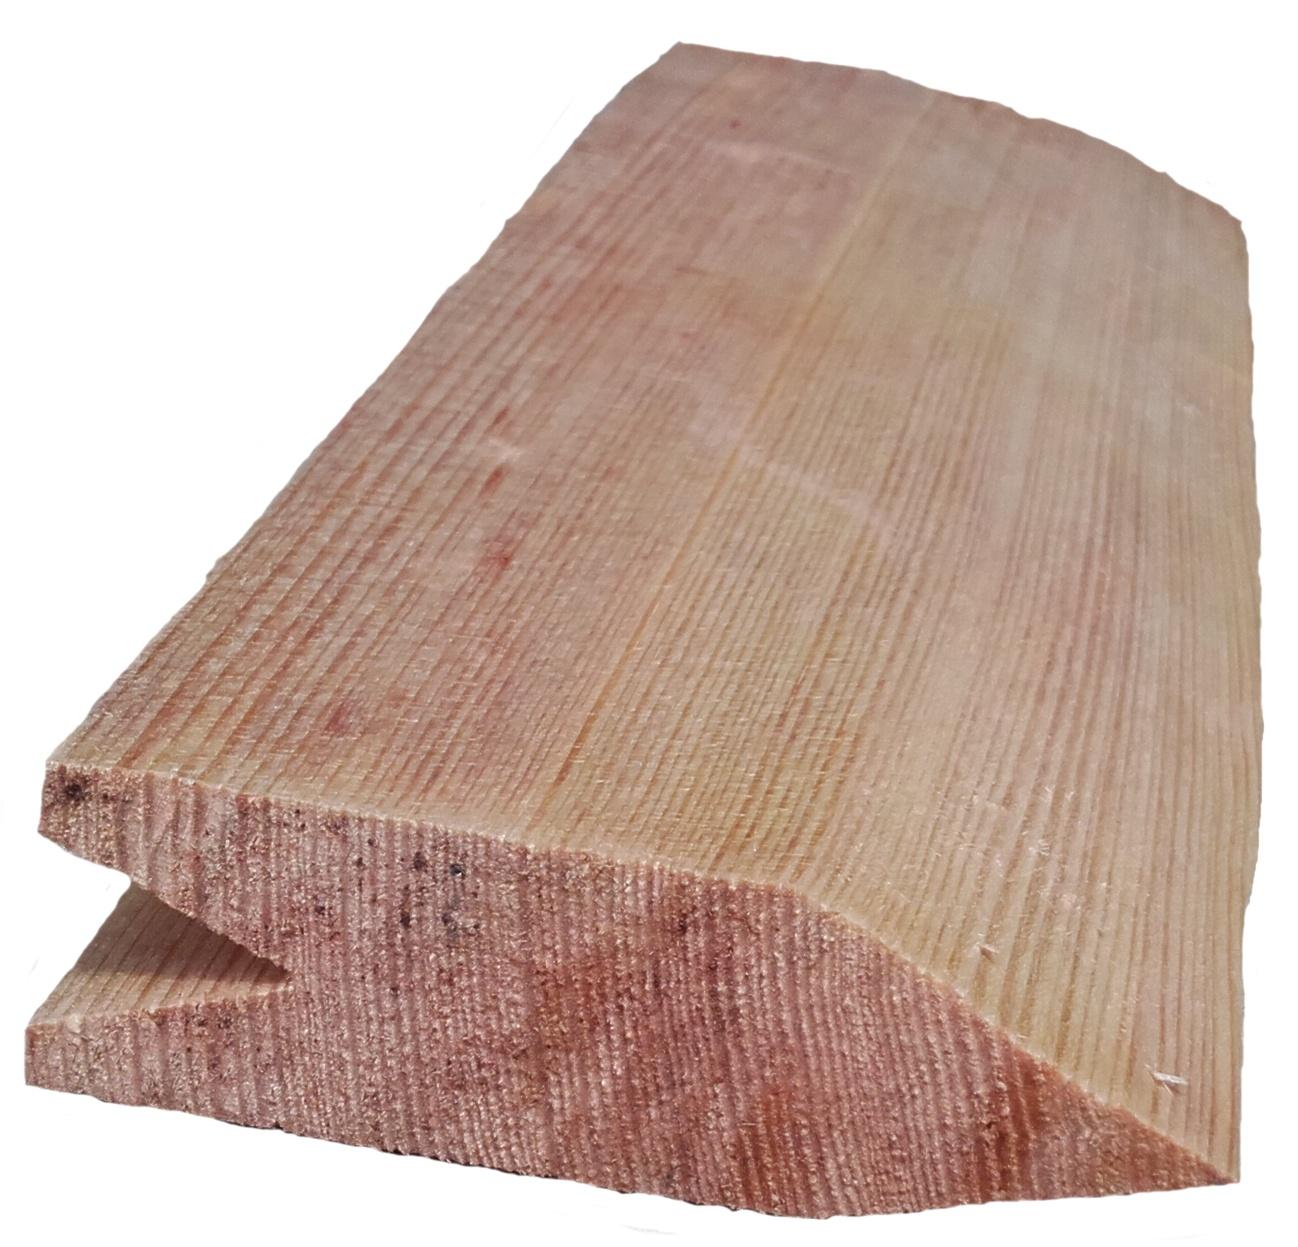 dřevěný šindel štípaný drdlík